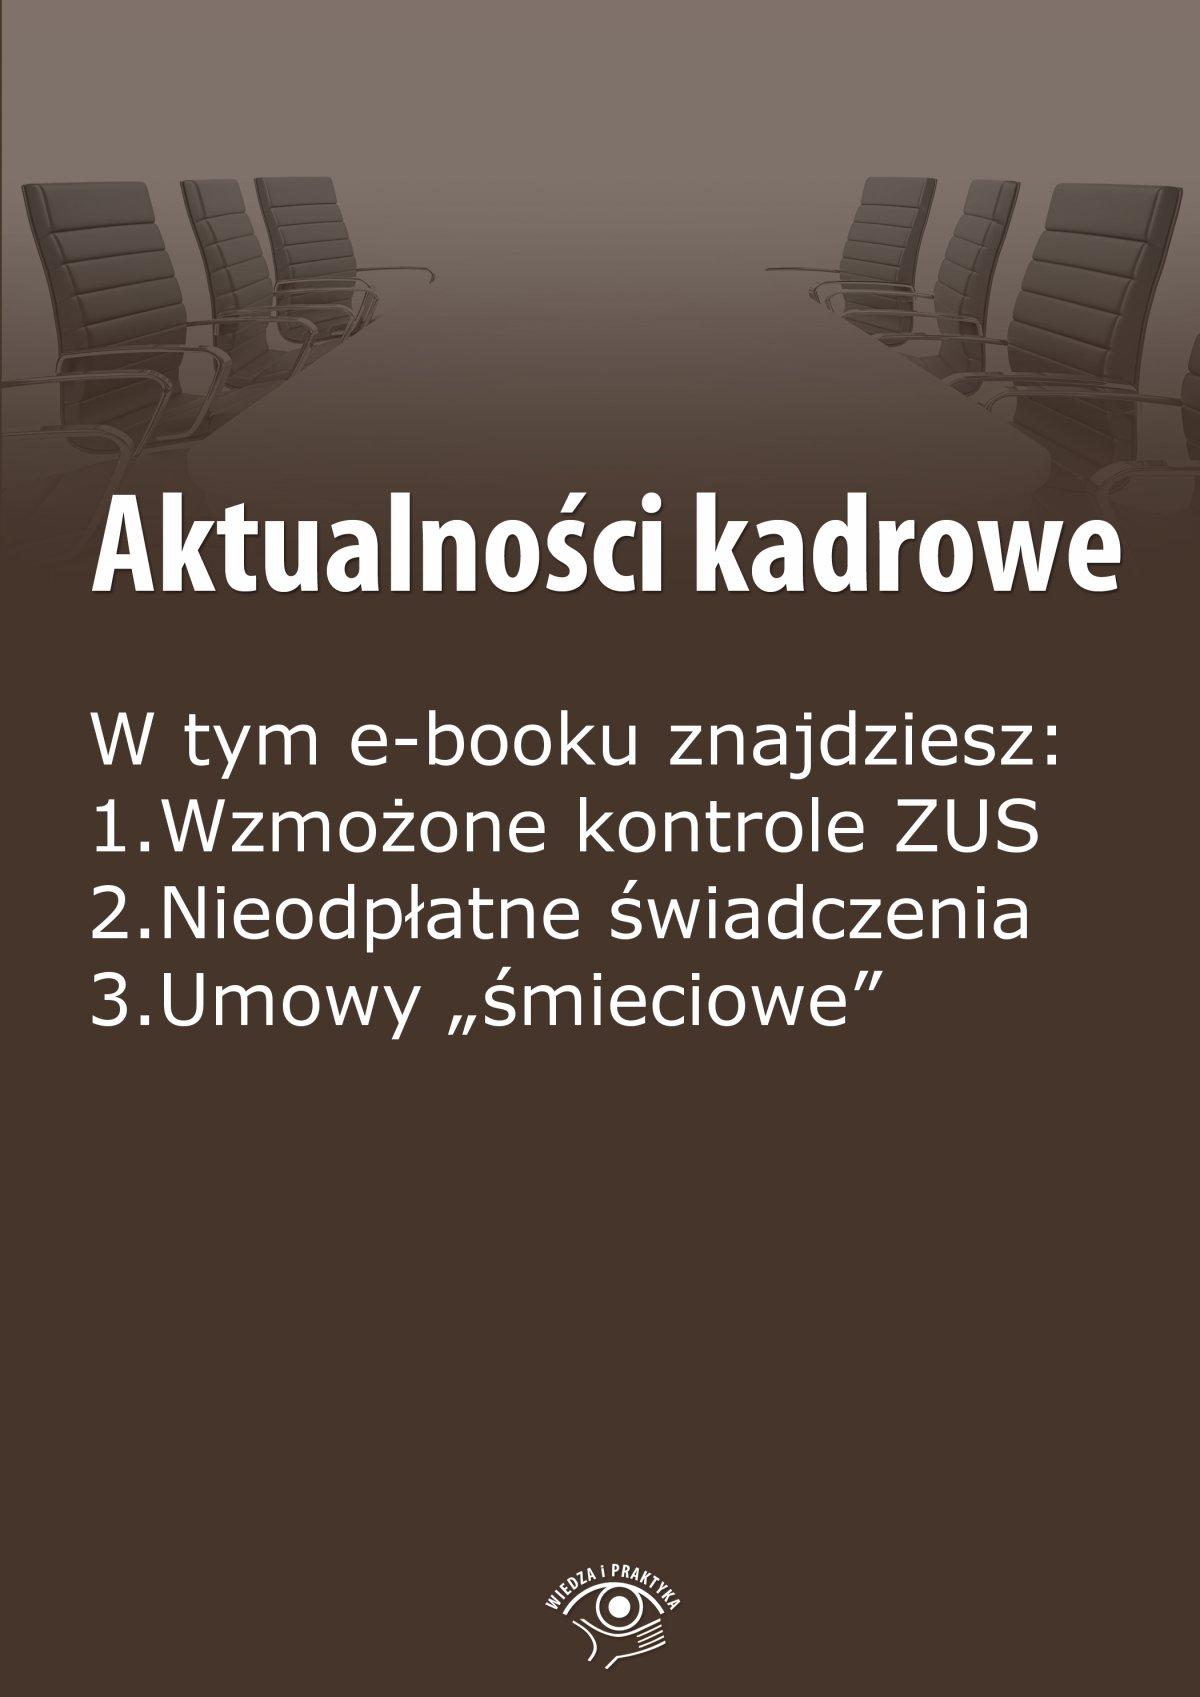 Aktualności kadrowe, wydanie wrzesień 2014 r. - Ebook (Książka EPUB) do pobrania w formacie EPUB